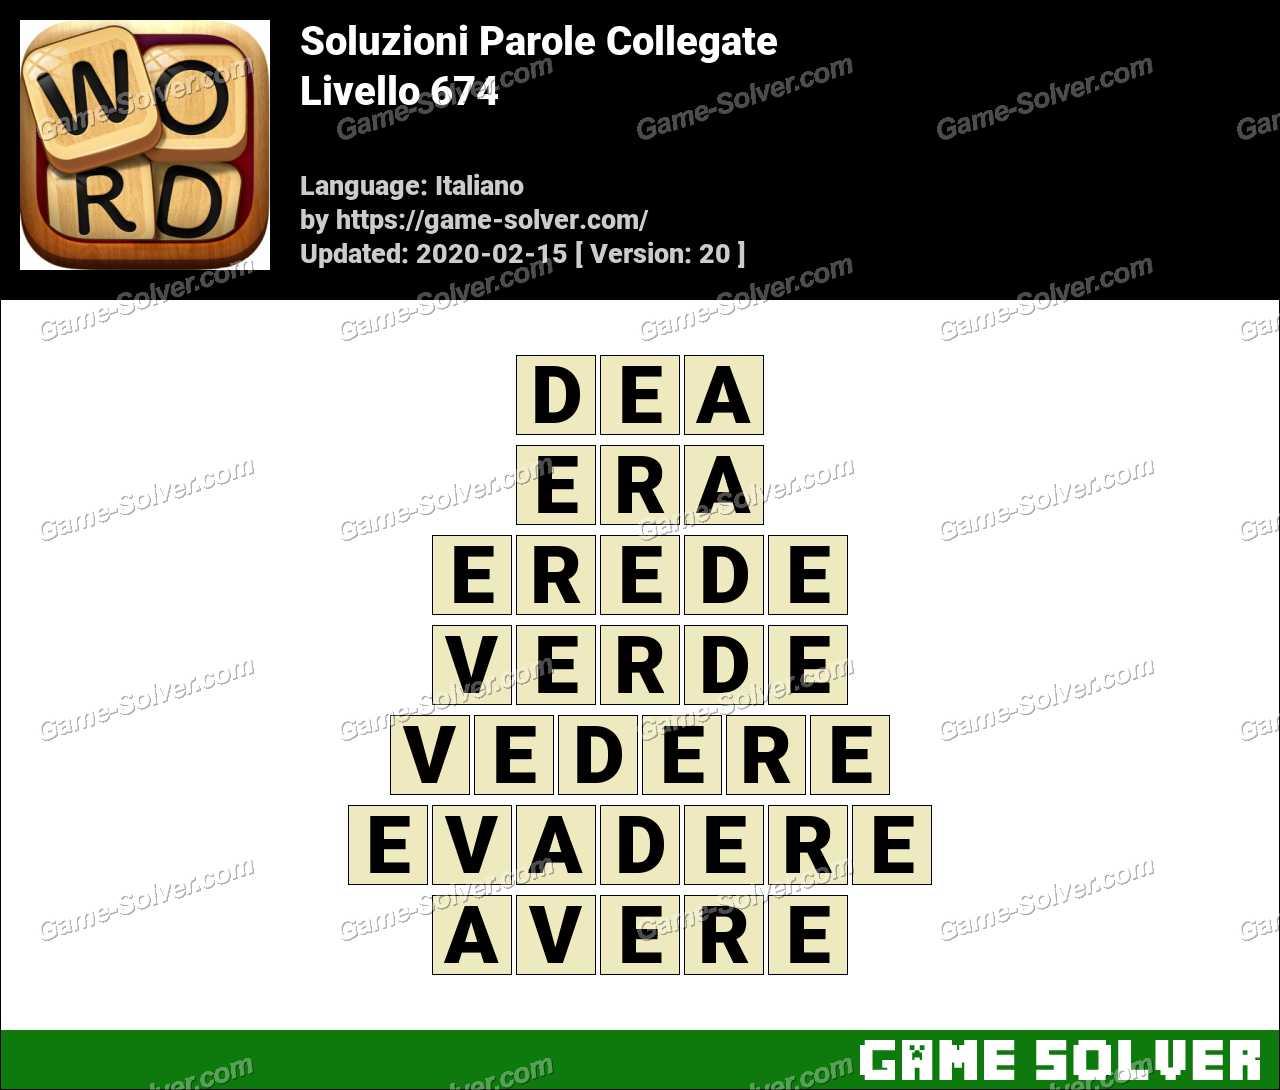 Soluzioni Parole Collegate Livello 674